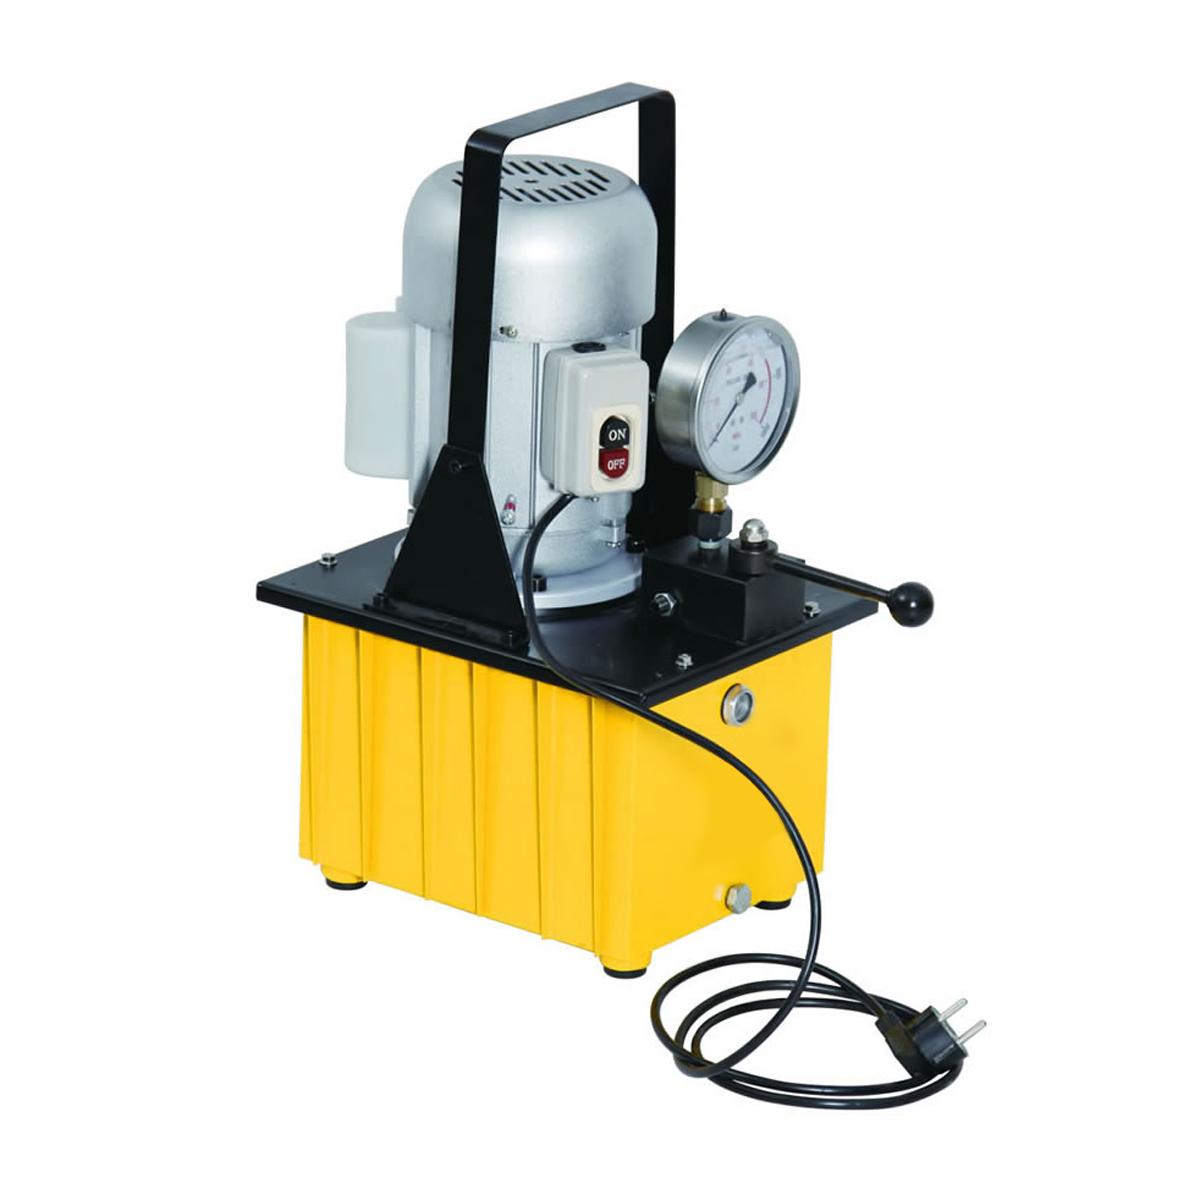 Egyszeres működésű elektromos hajtású tápegység (kéziszelepes, 700 Bar) (B-630C)